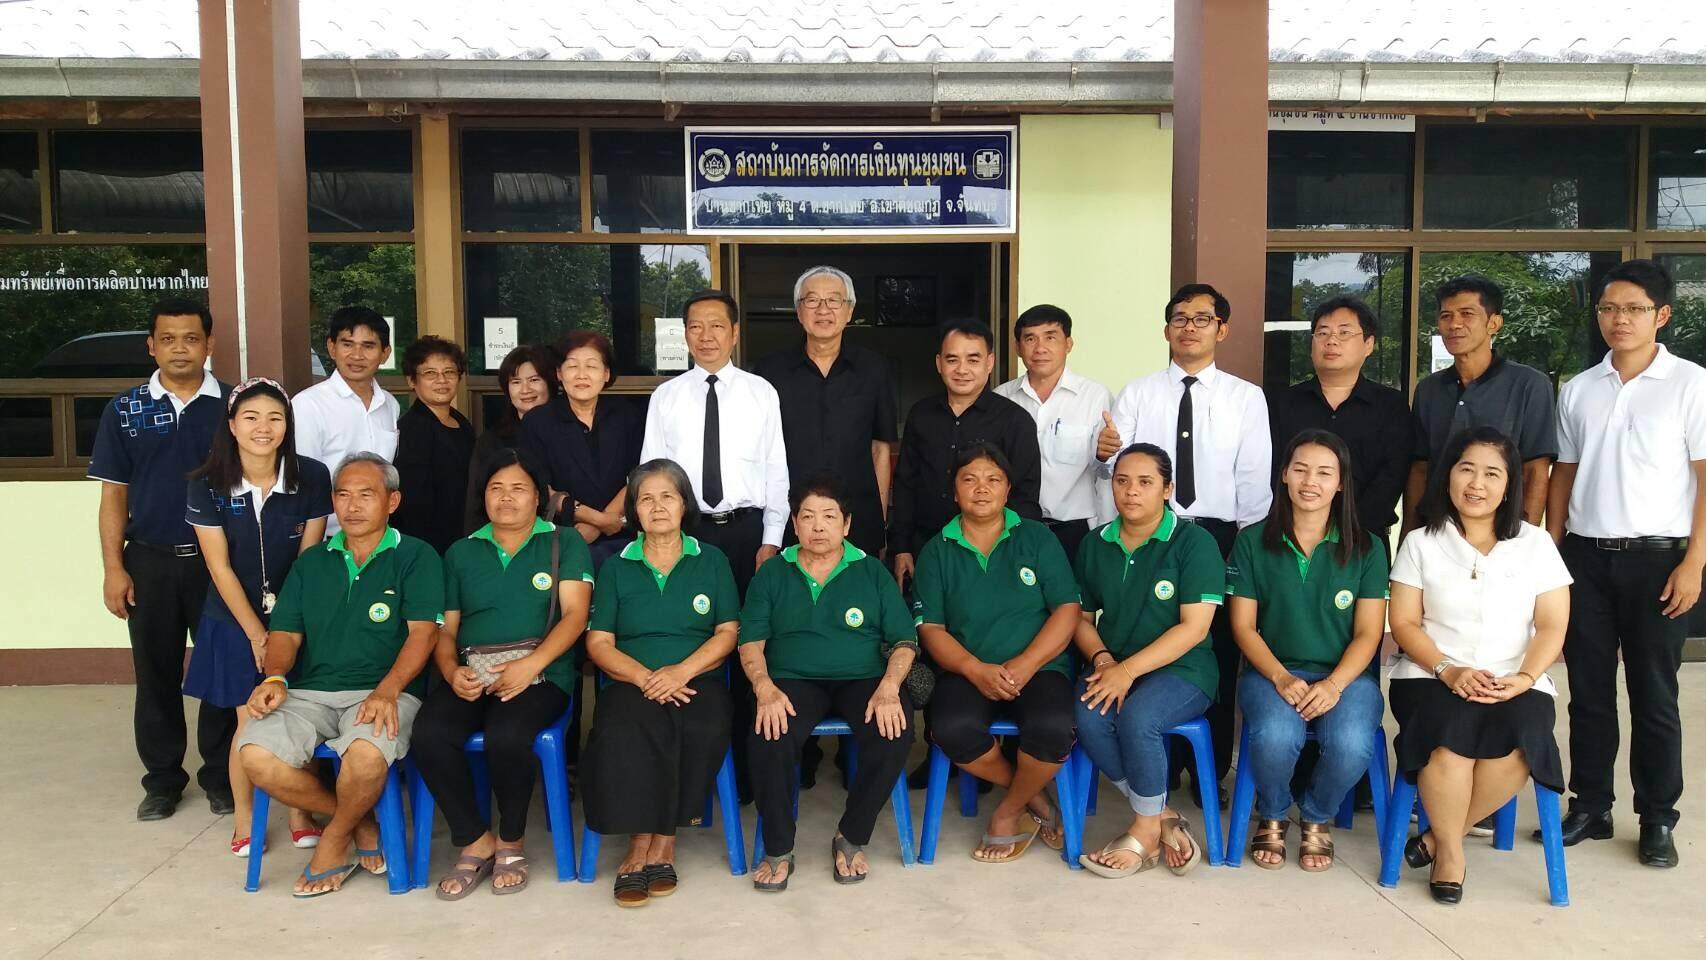 ศูนย์จัดการกองทุนชุมชนบ้านชากไทย จ.จันทบุรี